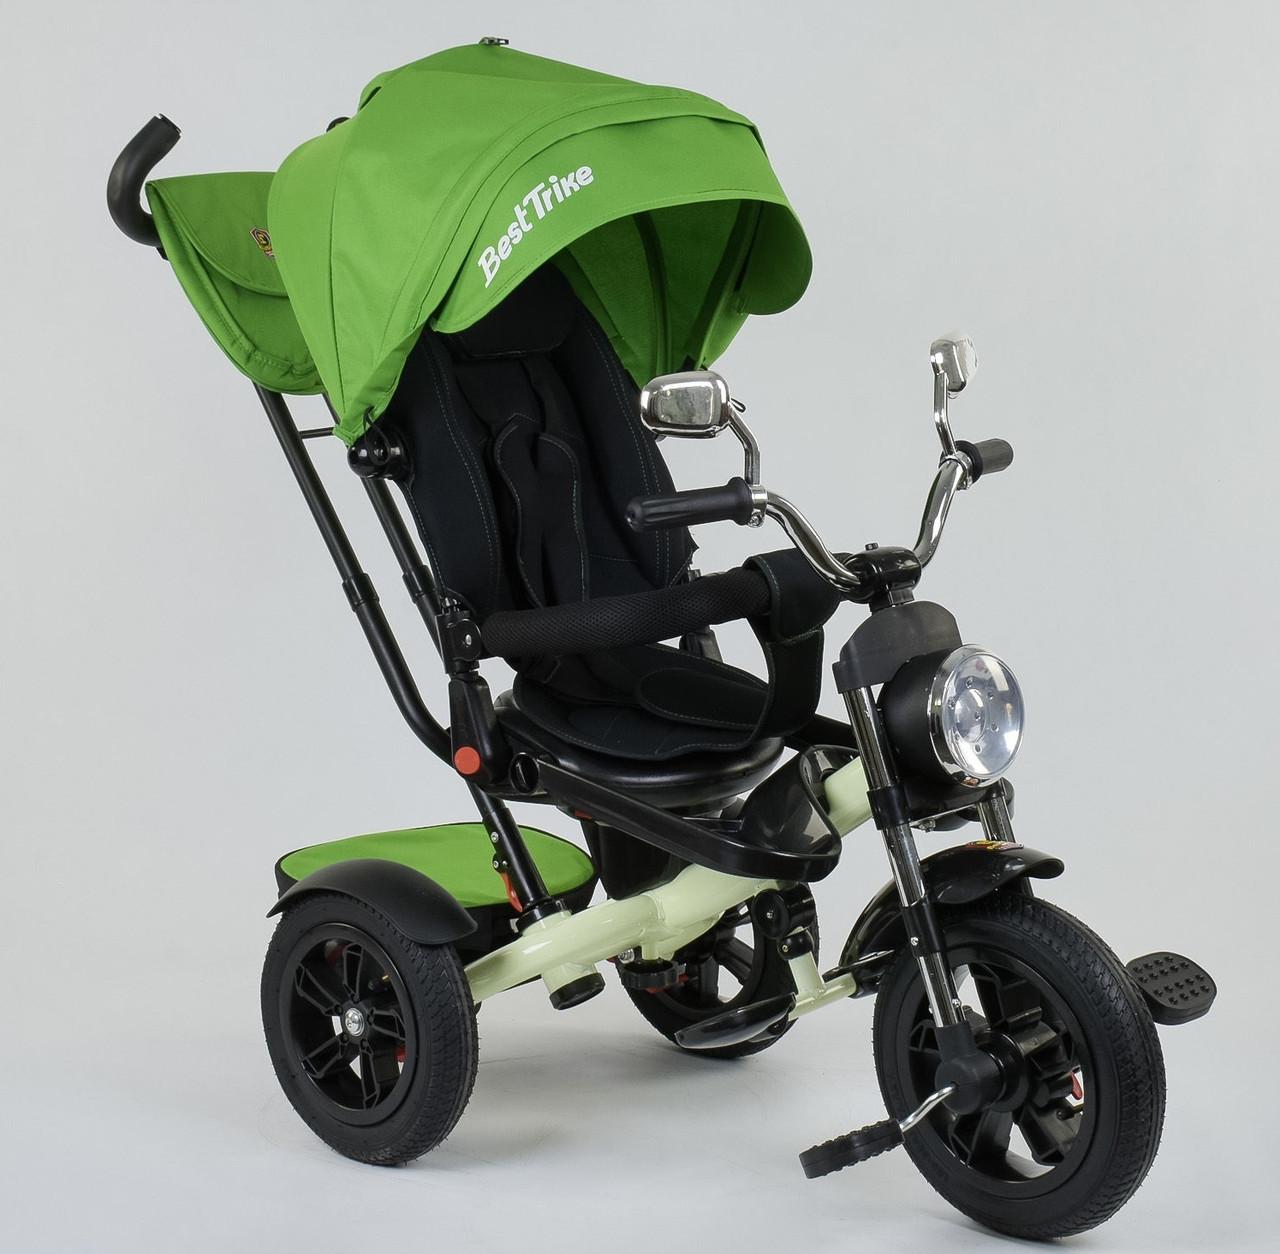 Best Trike Велосипед Best Trike 4490 - 3553 Green (4490)